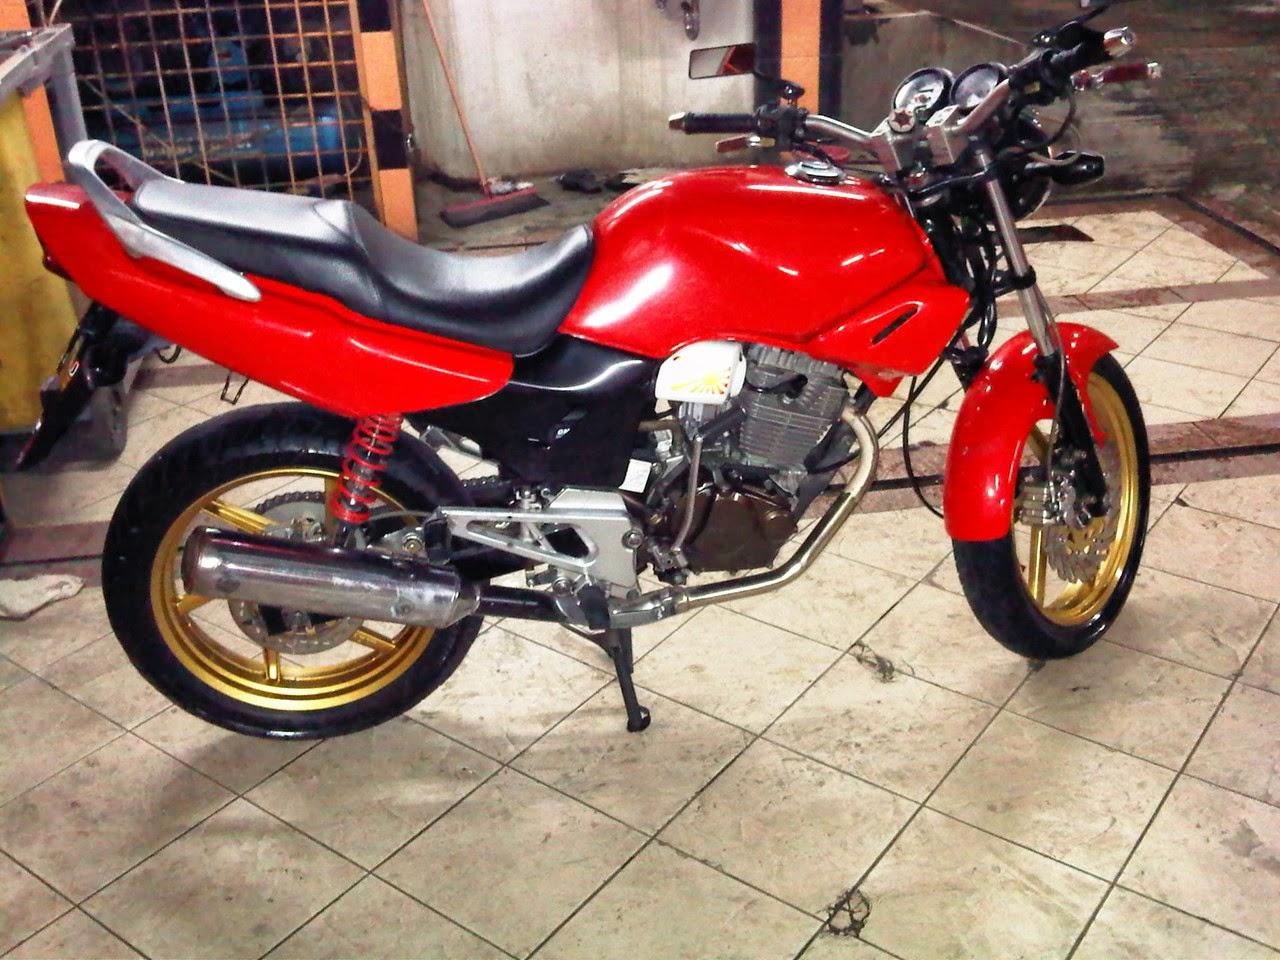 Koleksi Ide Modif Honda Tiger Velg 17 Terbaru  Botol